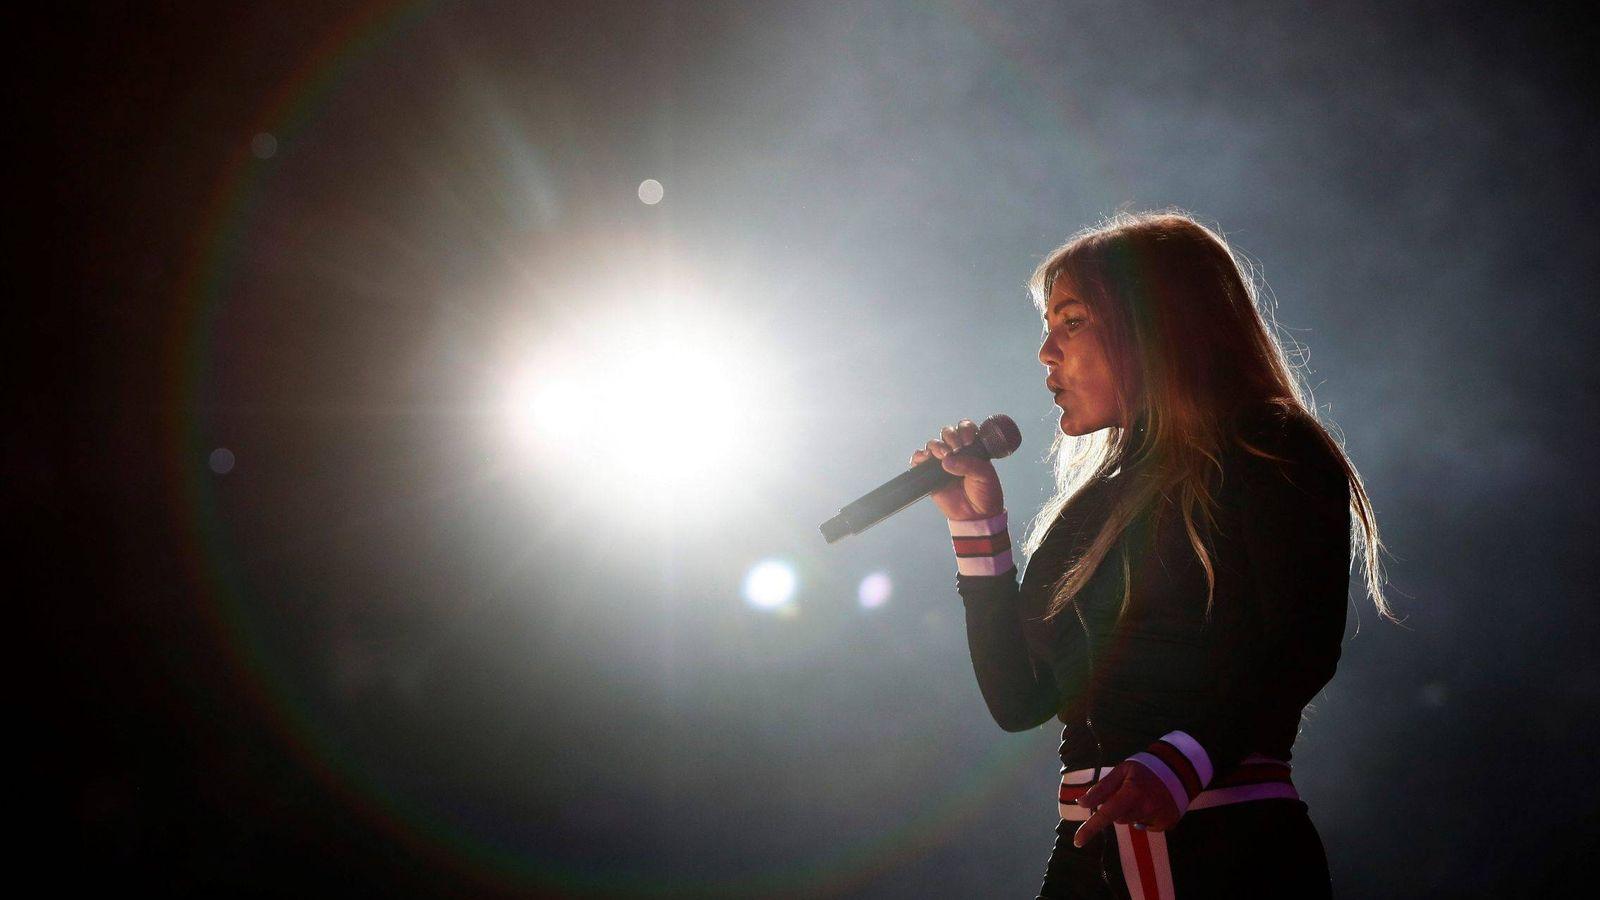 Foto:  Amaia montero, en una imagen de concierto. (Gtres)